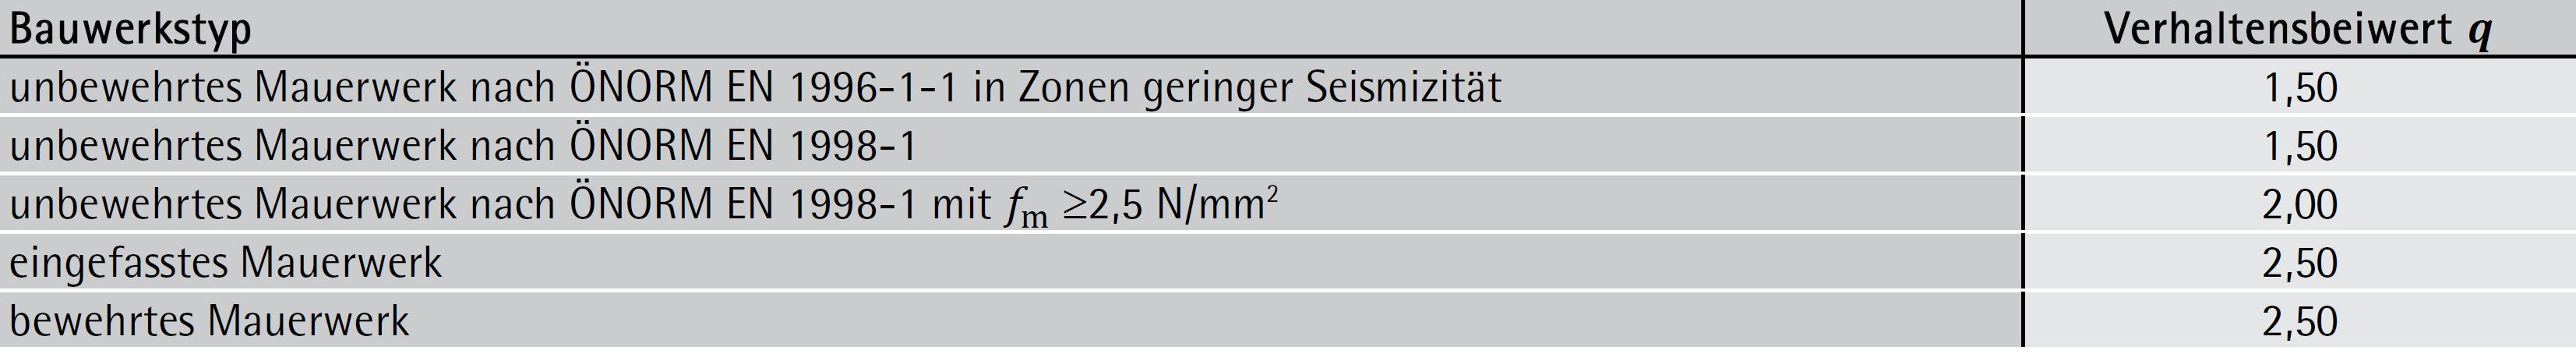 Verhaltensbeiwerte q für Mauerwerksbauten – ÖNORM B 1998-1